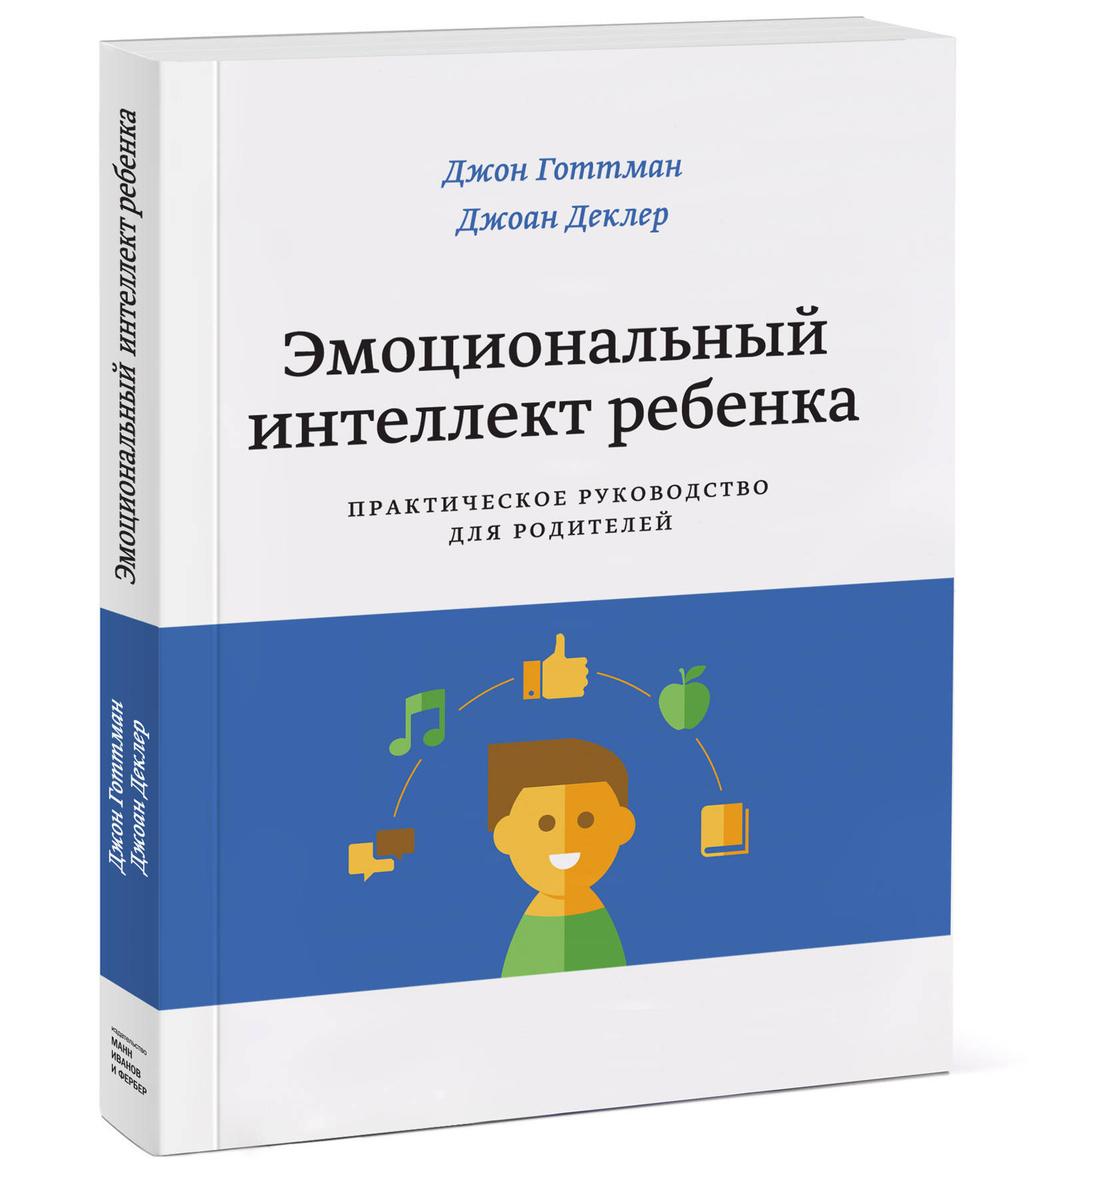 Эмоциональный интеллект ребенка. Практическое руководство для родителей   Готтман Джон  #1